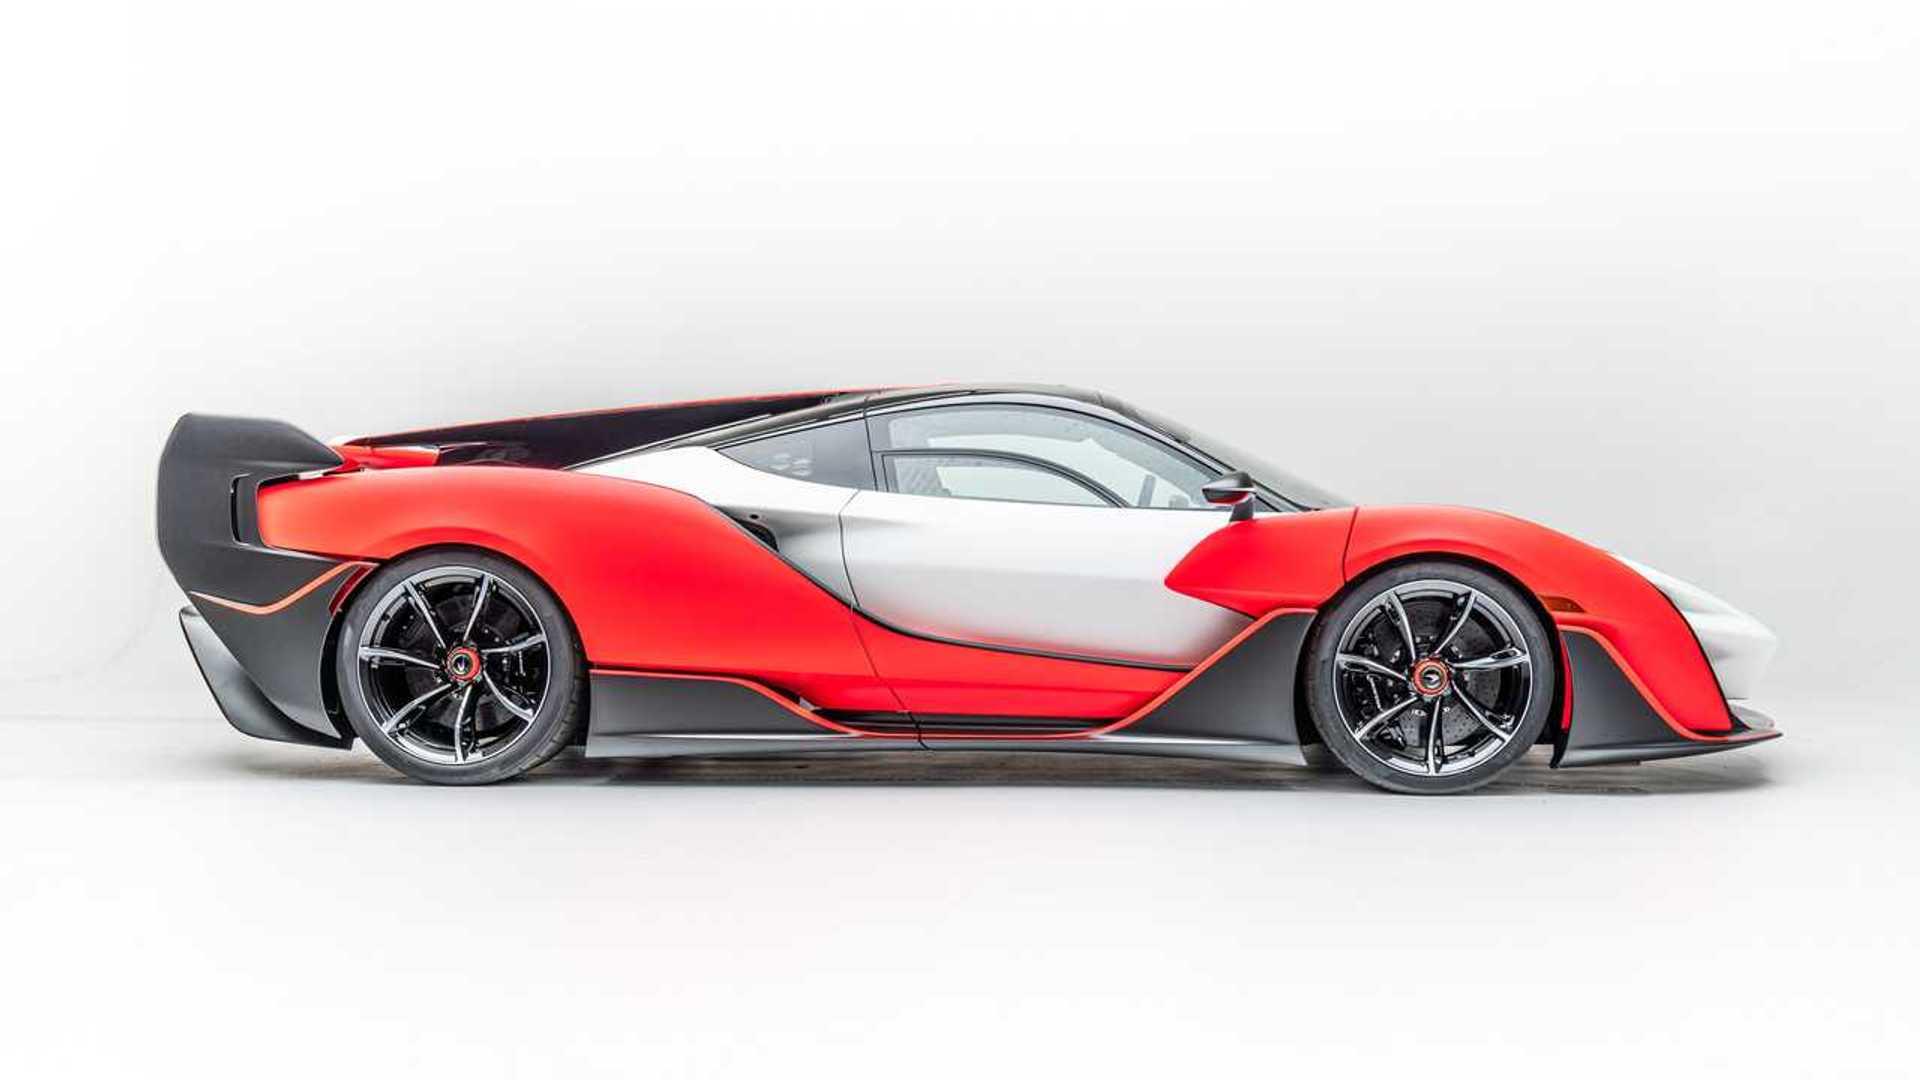 2021 McLaren Sabre Side